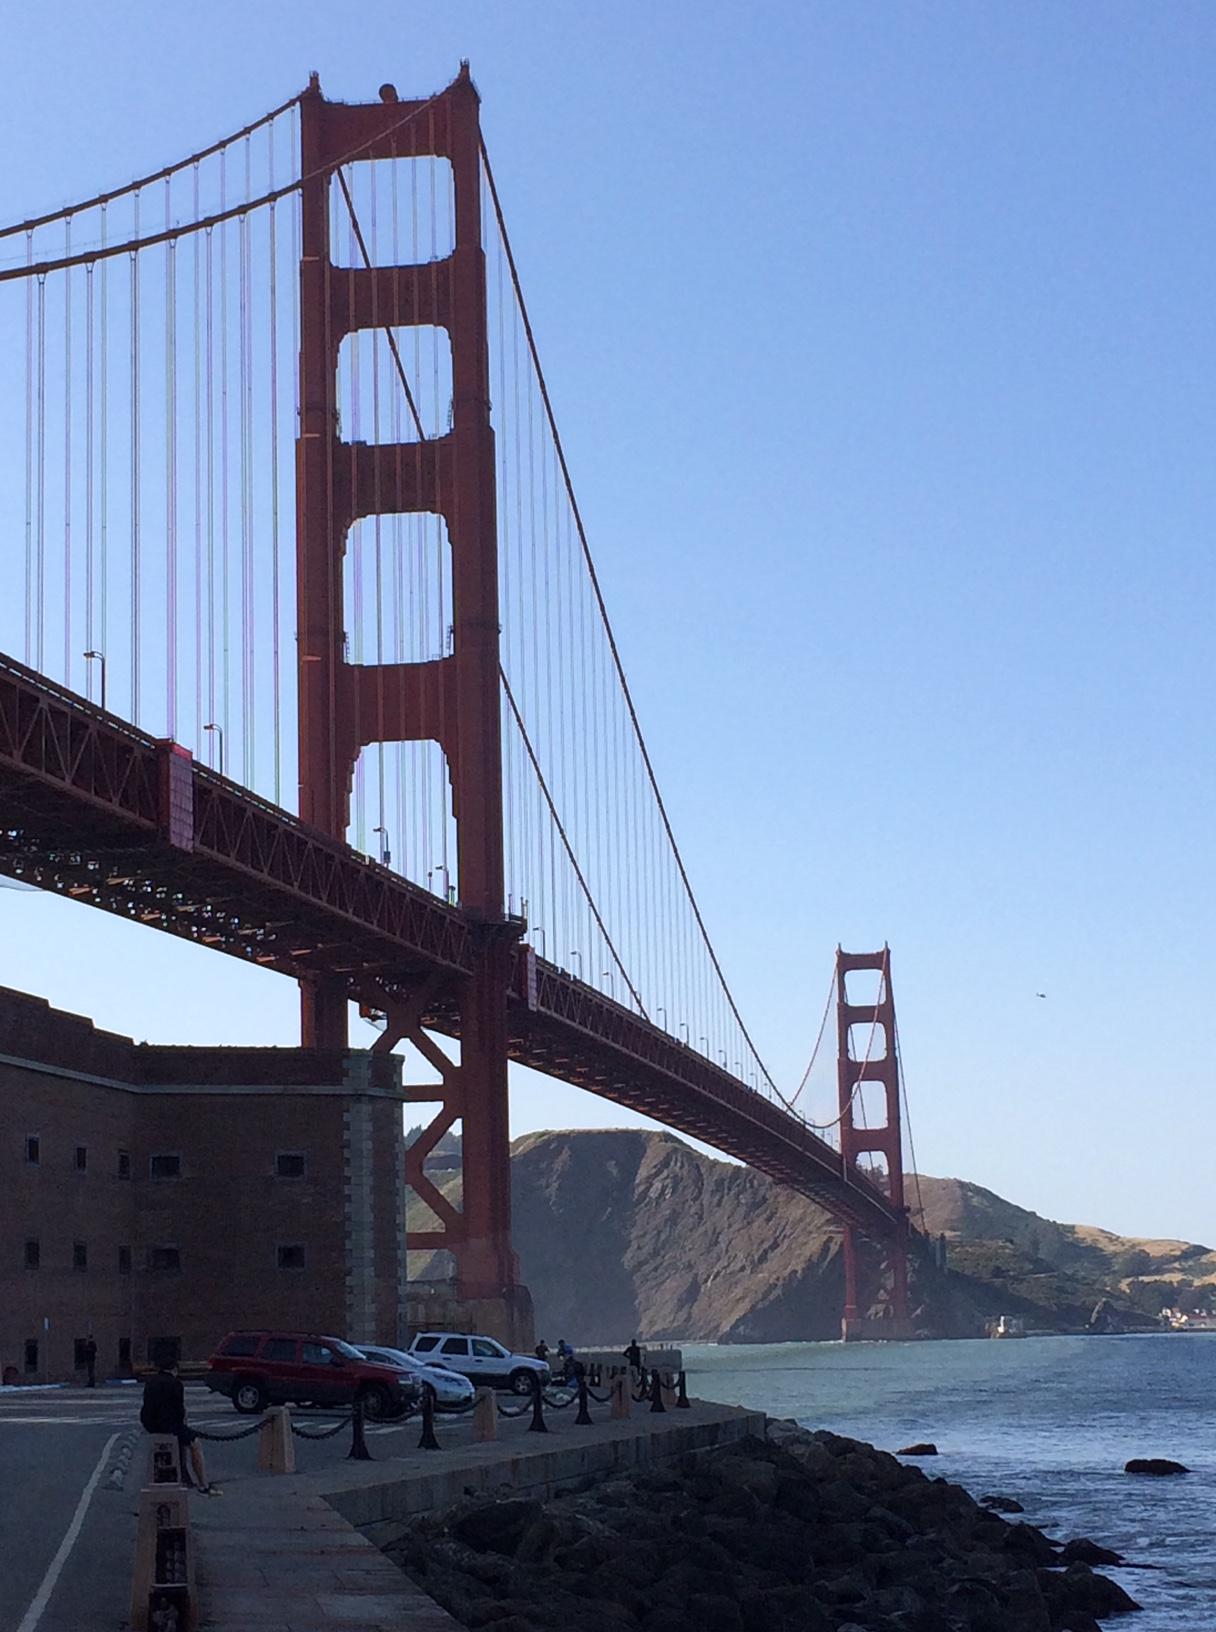 View of Golden Gate Bridge, San Francisco Bay